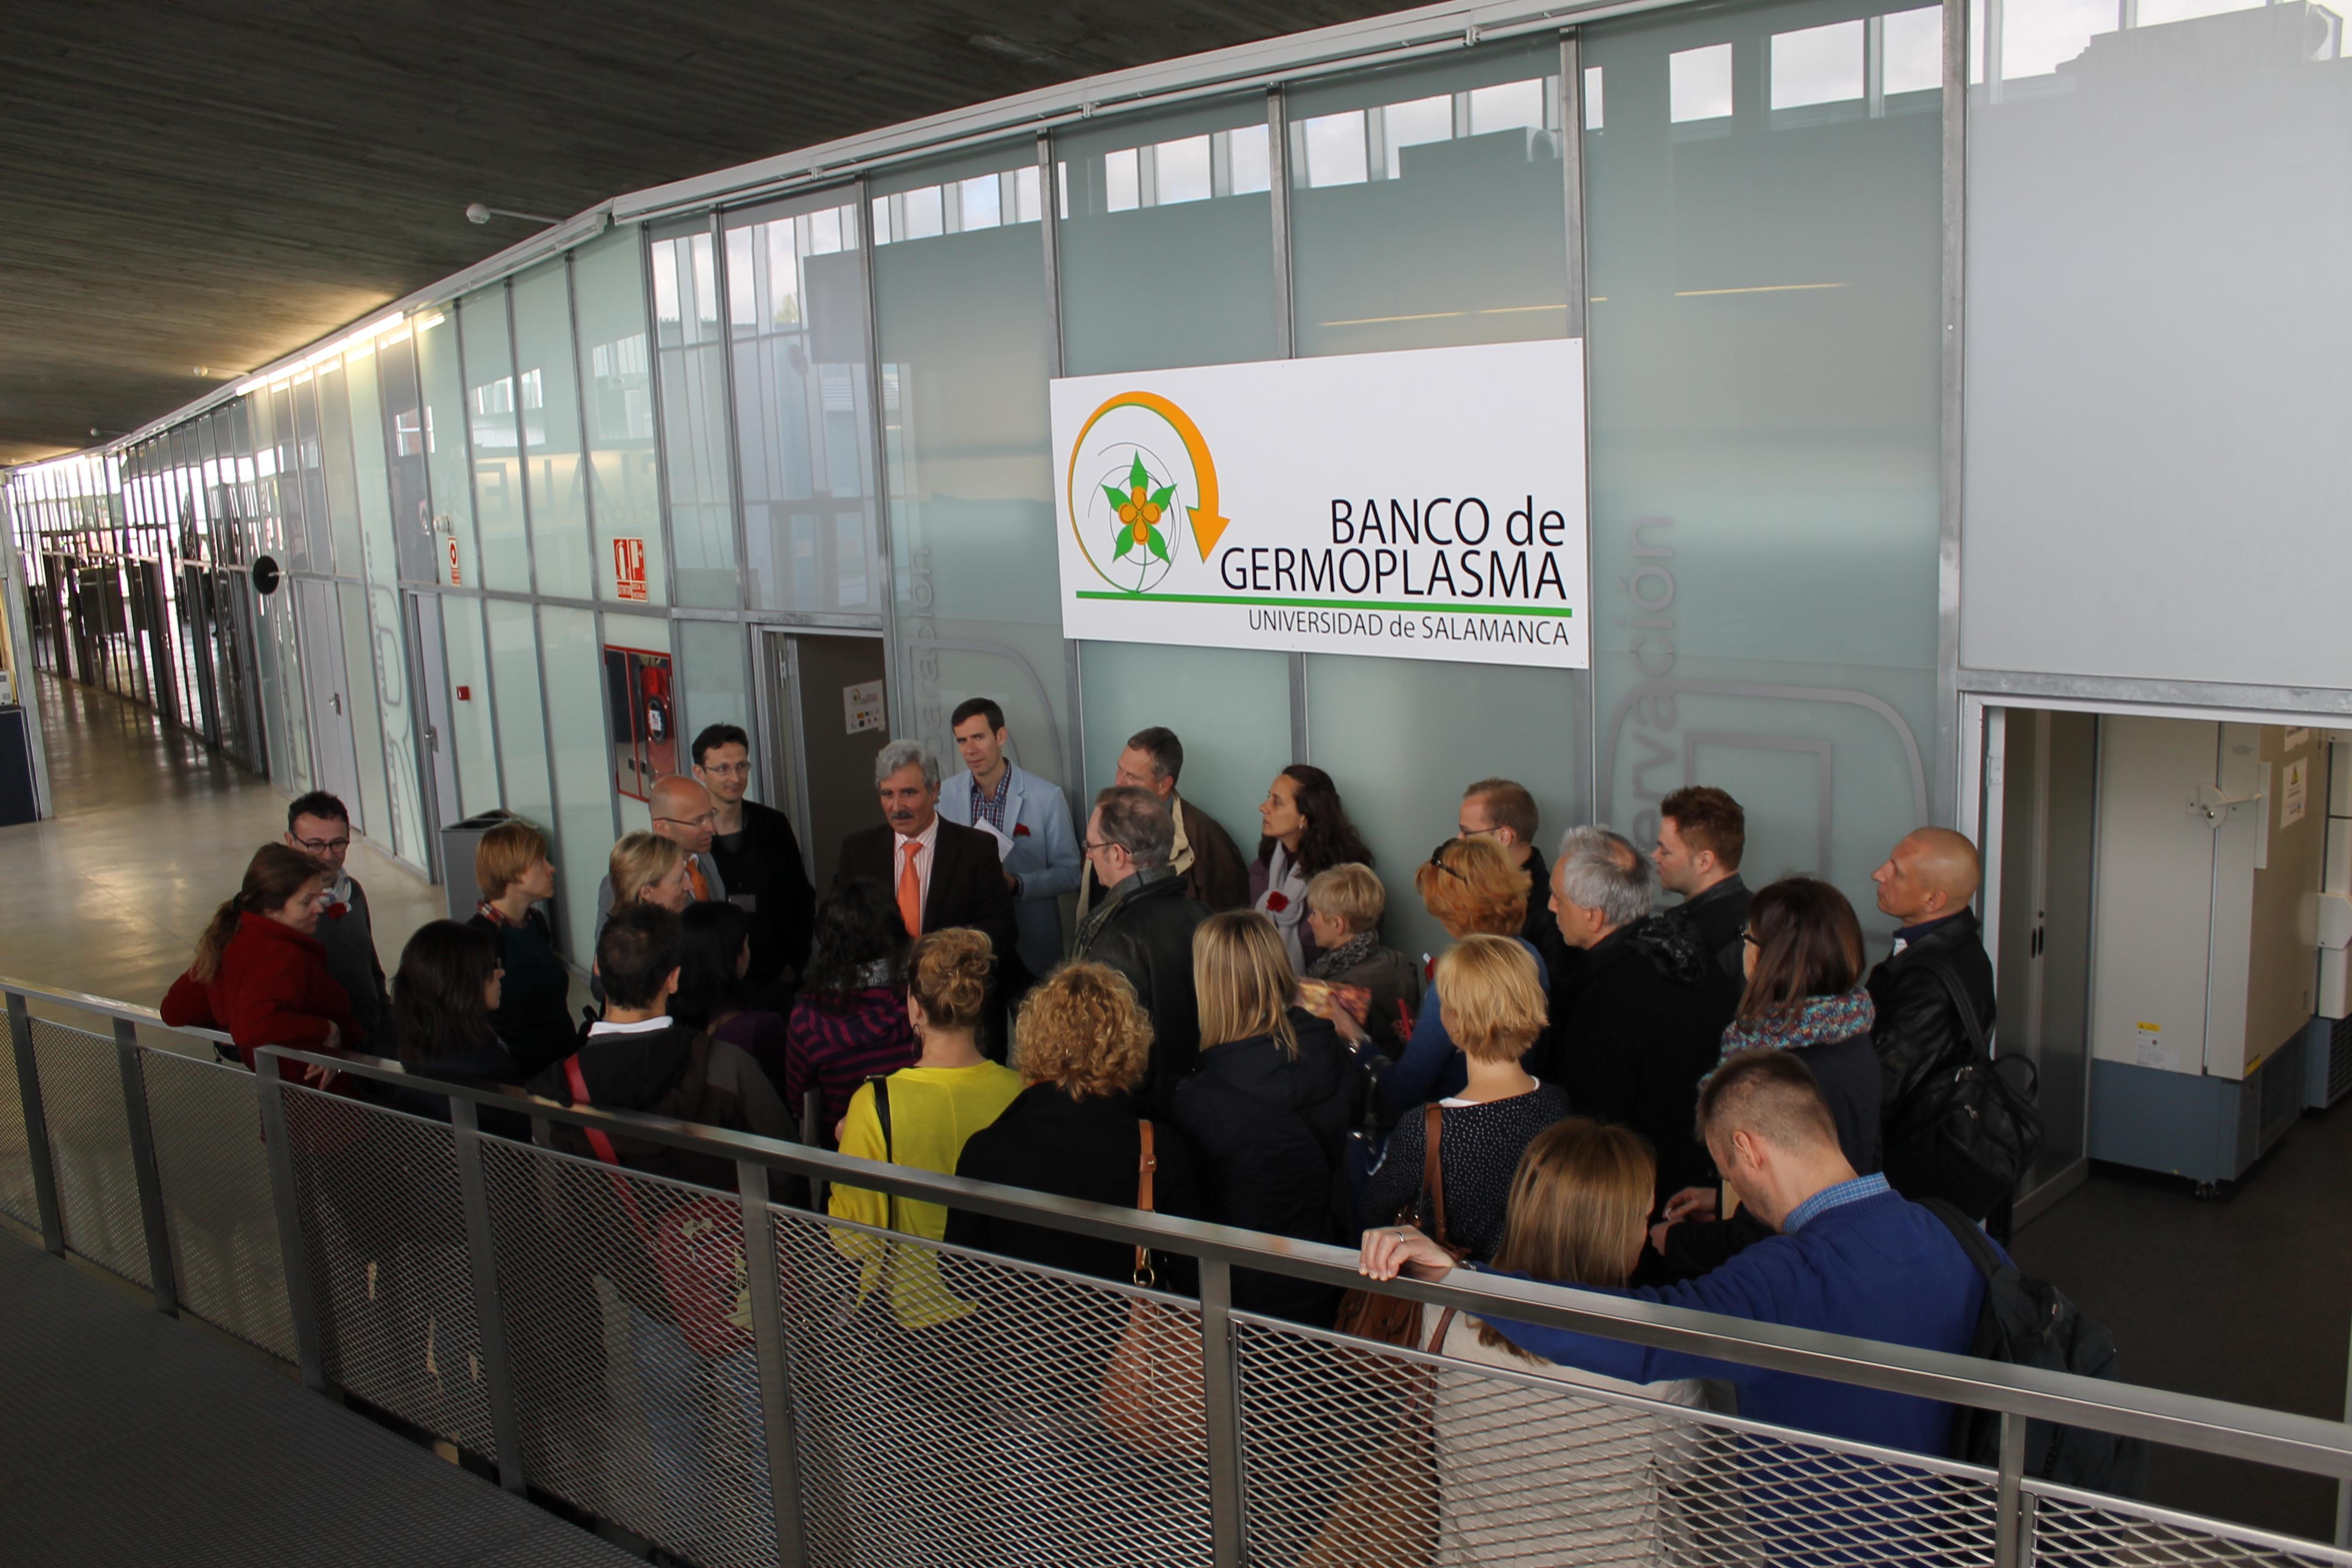 Intérpretes del Parlamento Europeo visitan las instalaciones del Instituto Hispanoluso de Investigaciones Agrarias